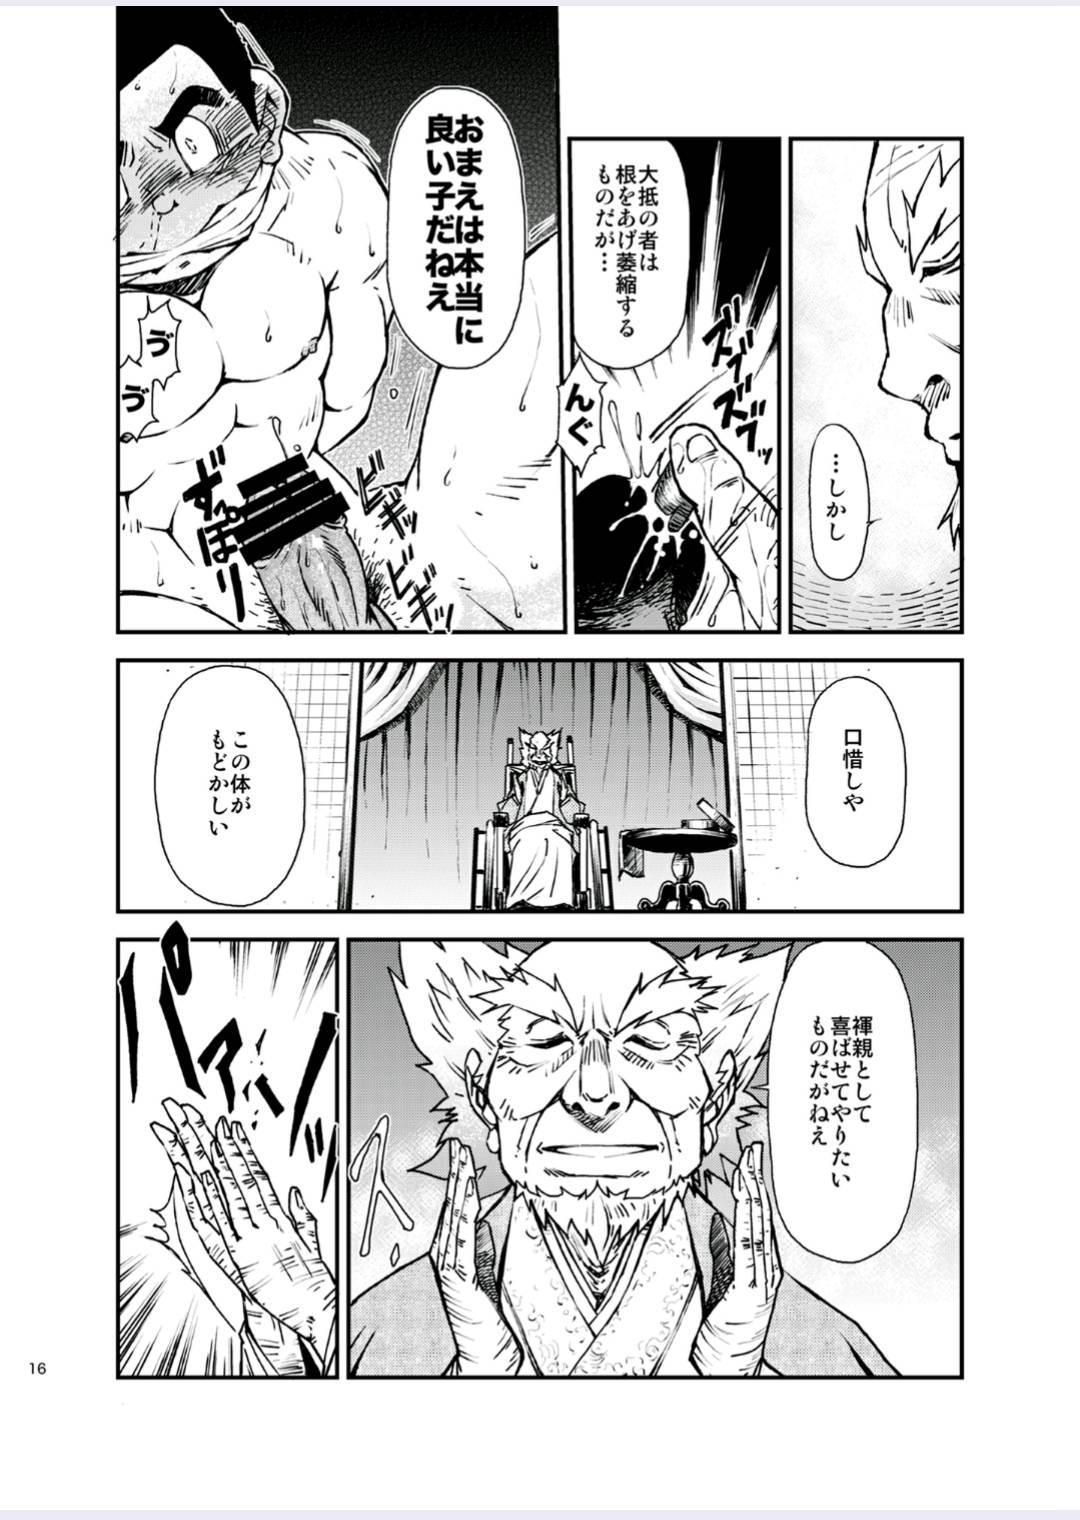 [KOWMEIISM (Kasai Kowmei)] Tadashii Danshi no Kyouren Hou (Yon) Deku to Kairai to [Digital] 16